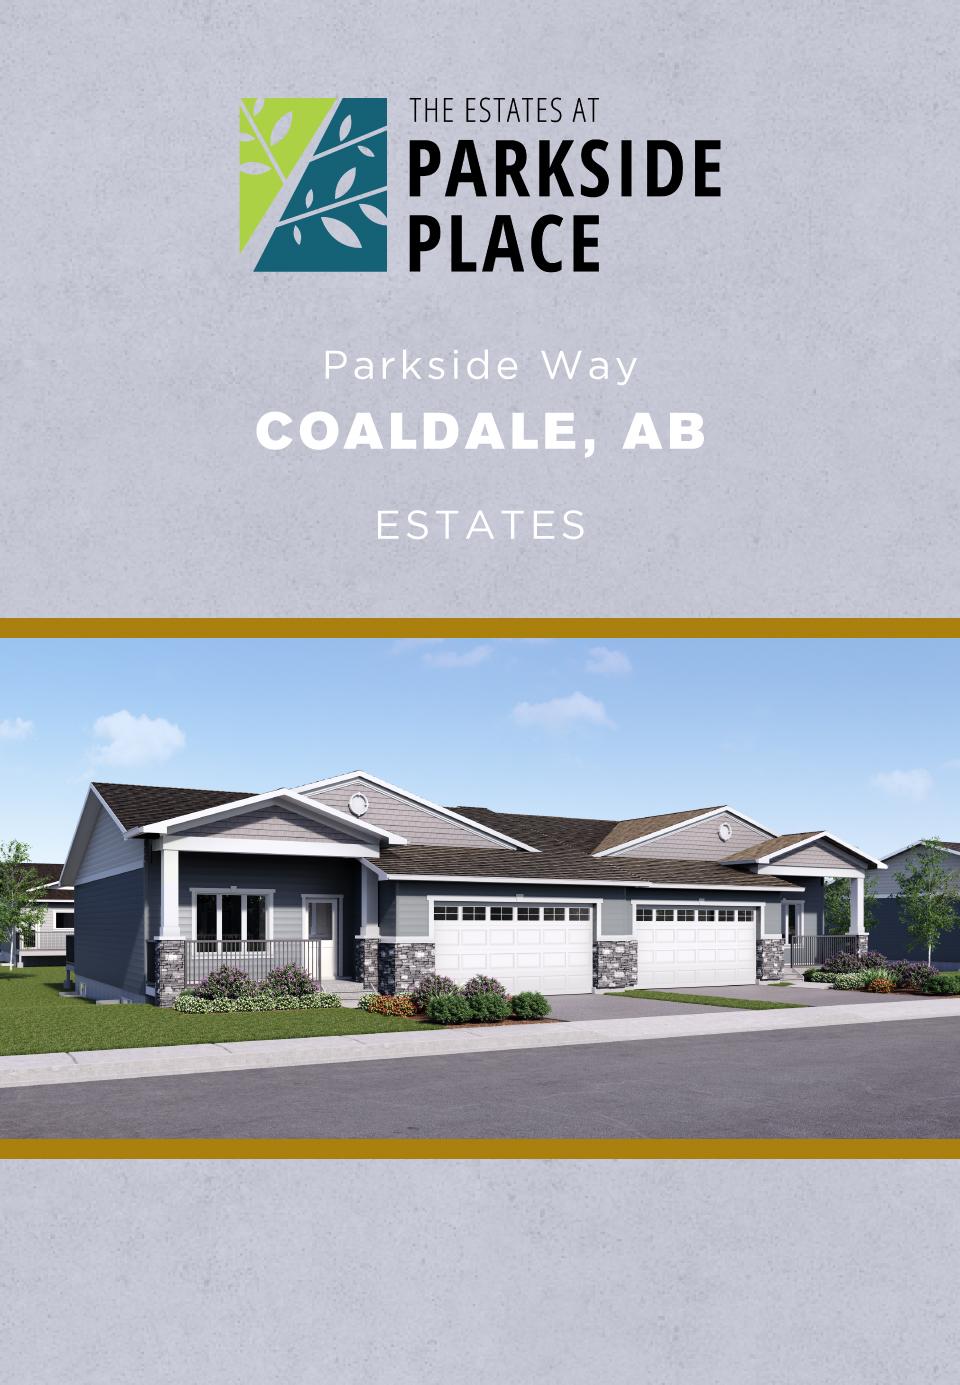 Parkside Place Estates